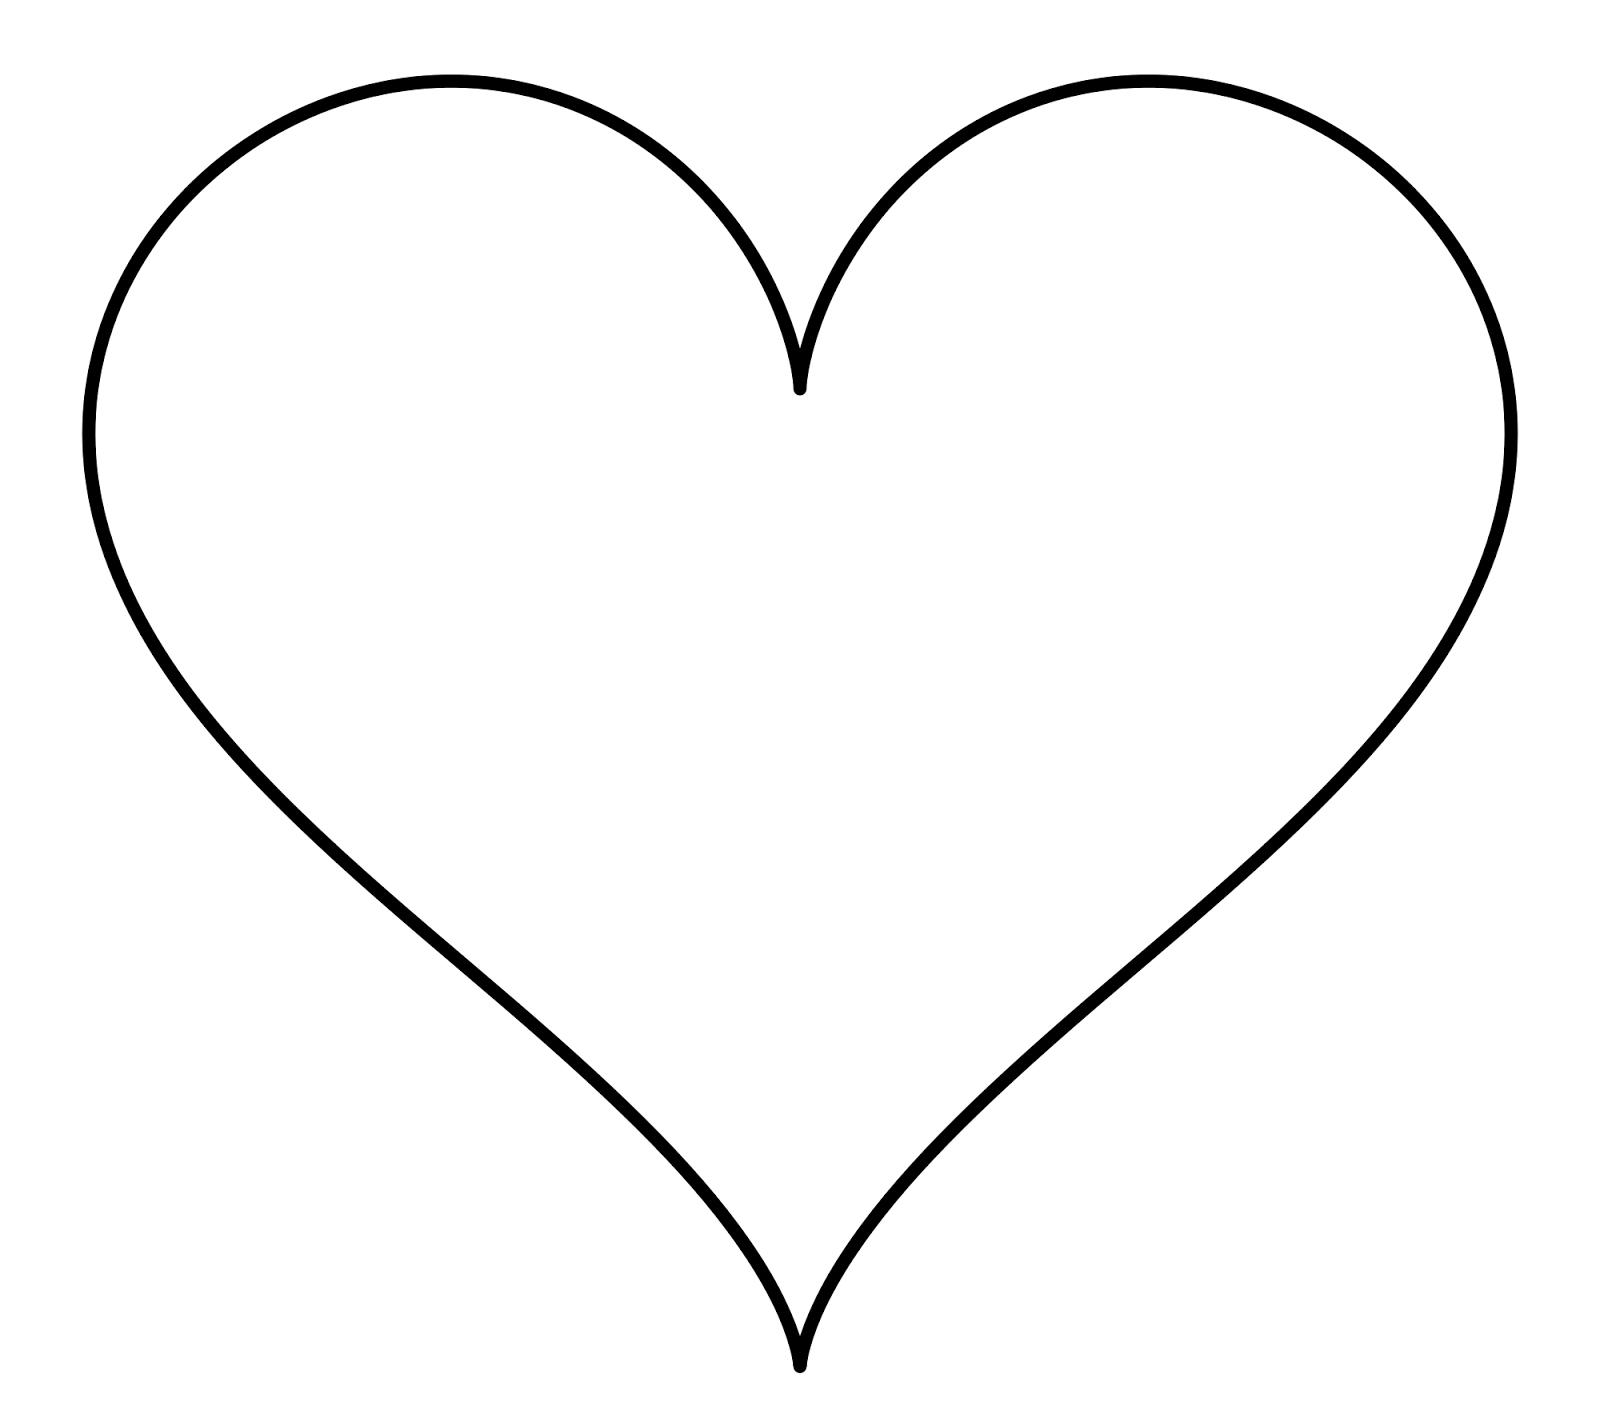 Картинки любимой, картинка шаблон сердце